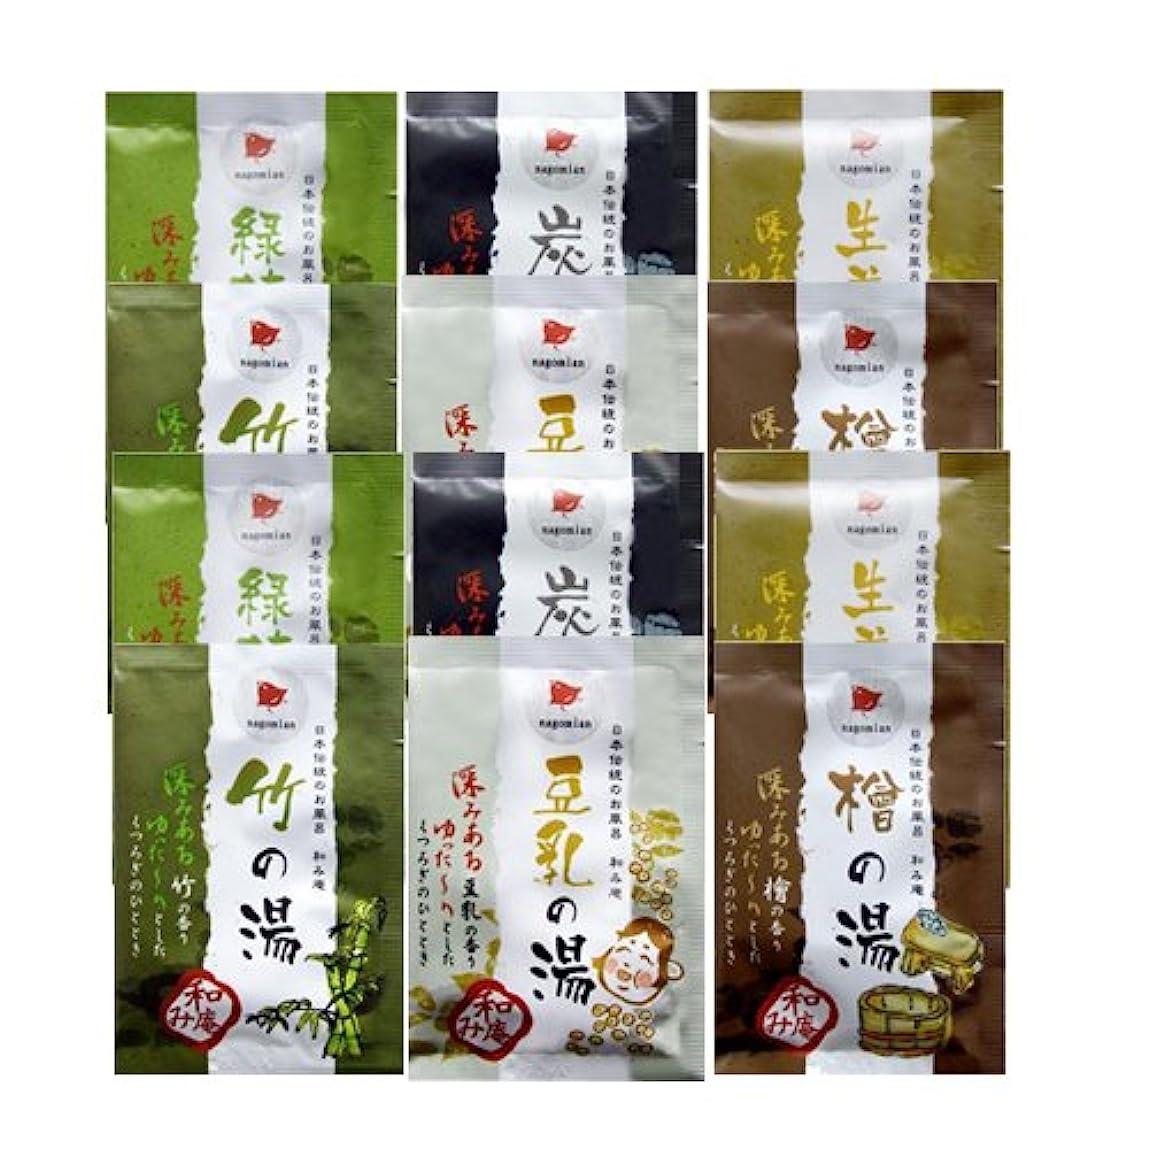 ゲートウェイキロメートルバッテリー日本伝統のお風呂 和み庵 6種類×2個セット(計12包)